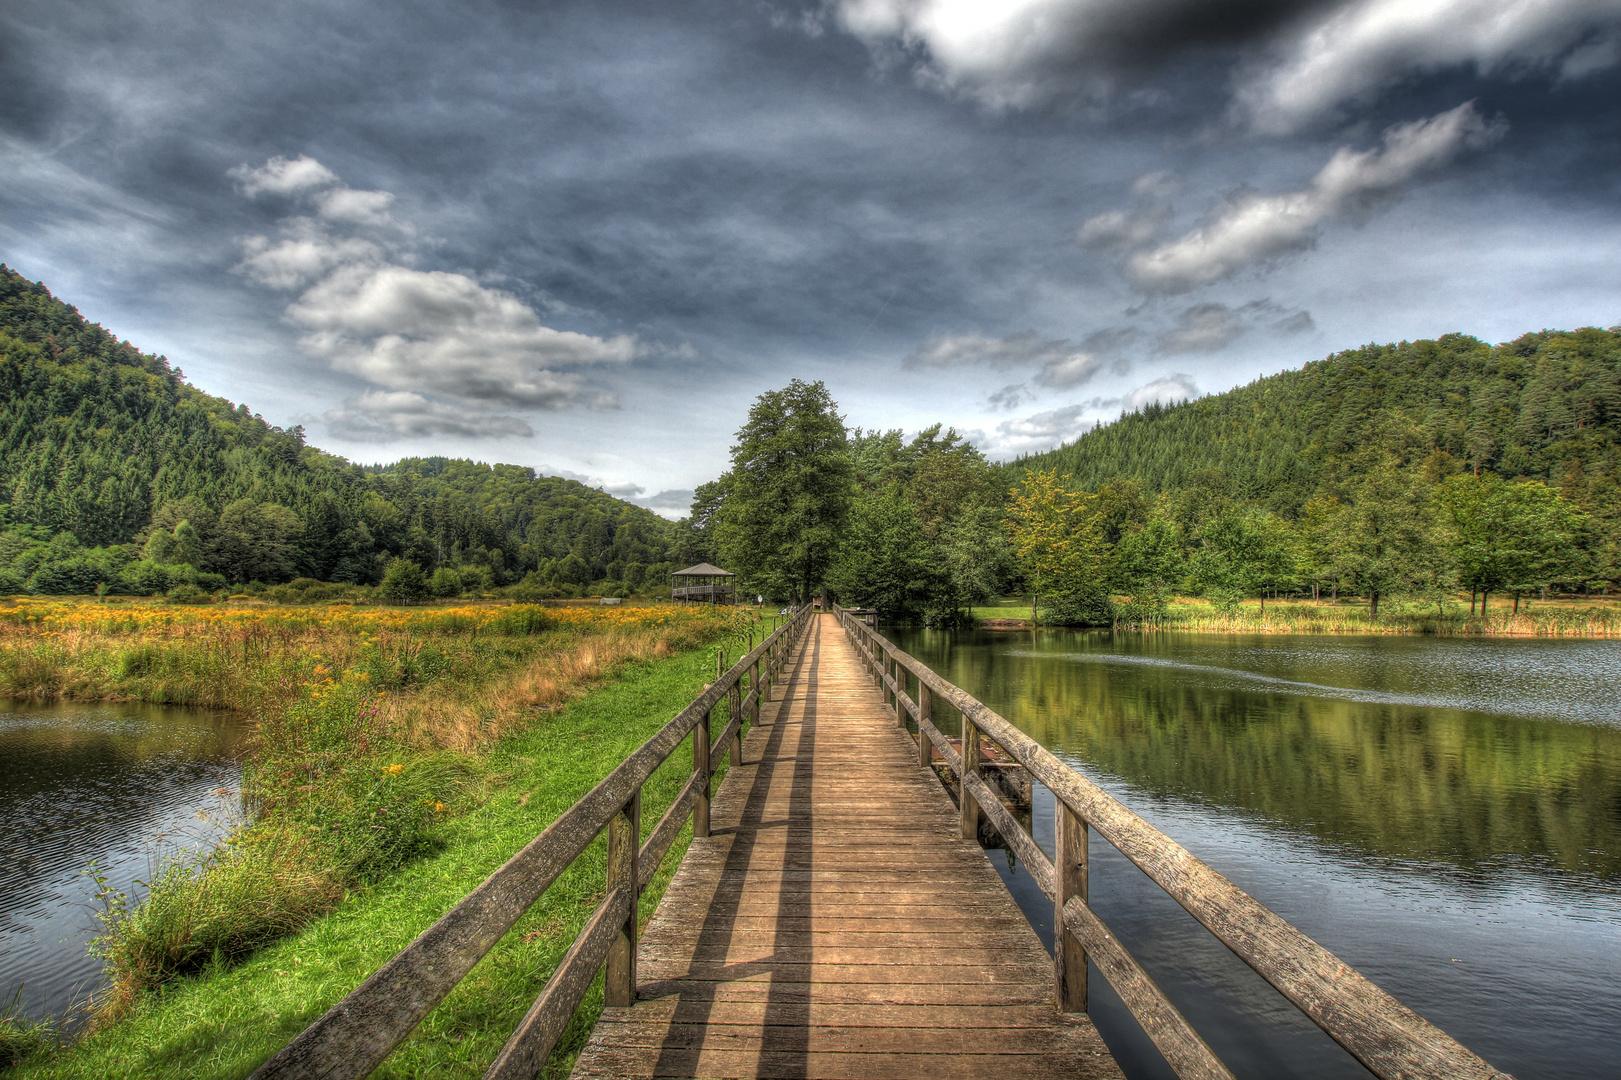 Brücke bei Fischbach/Pfalz